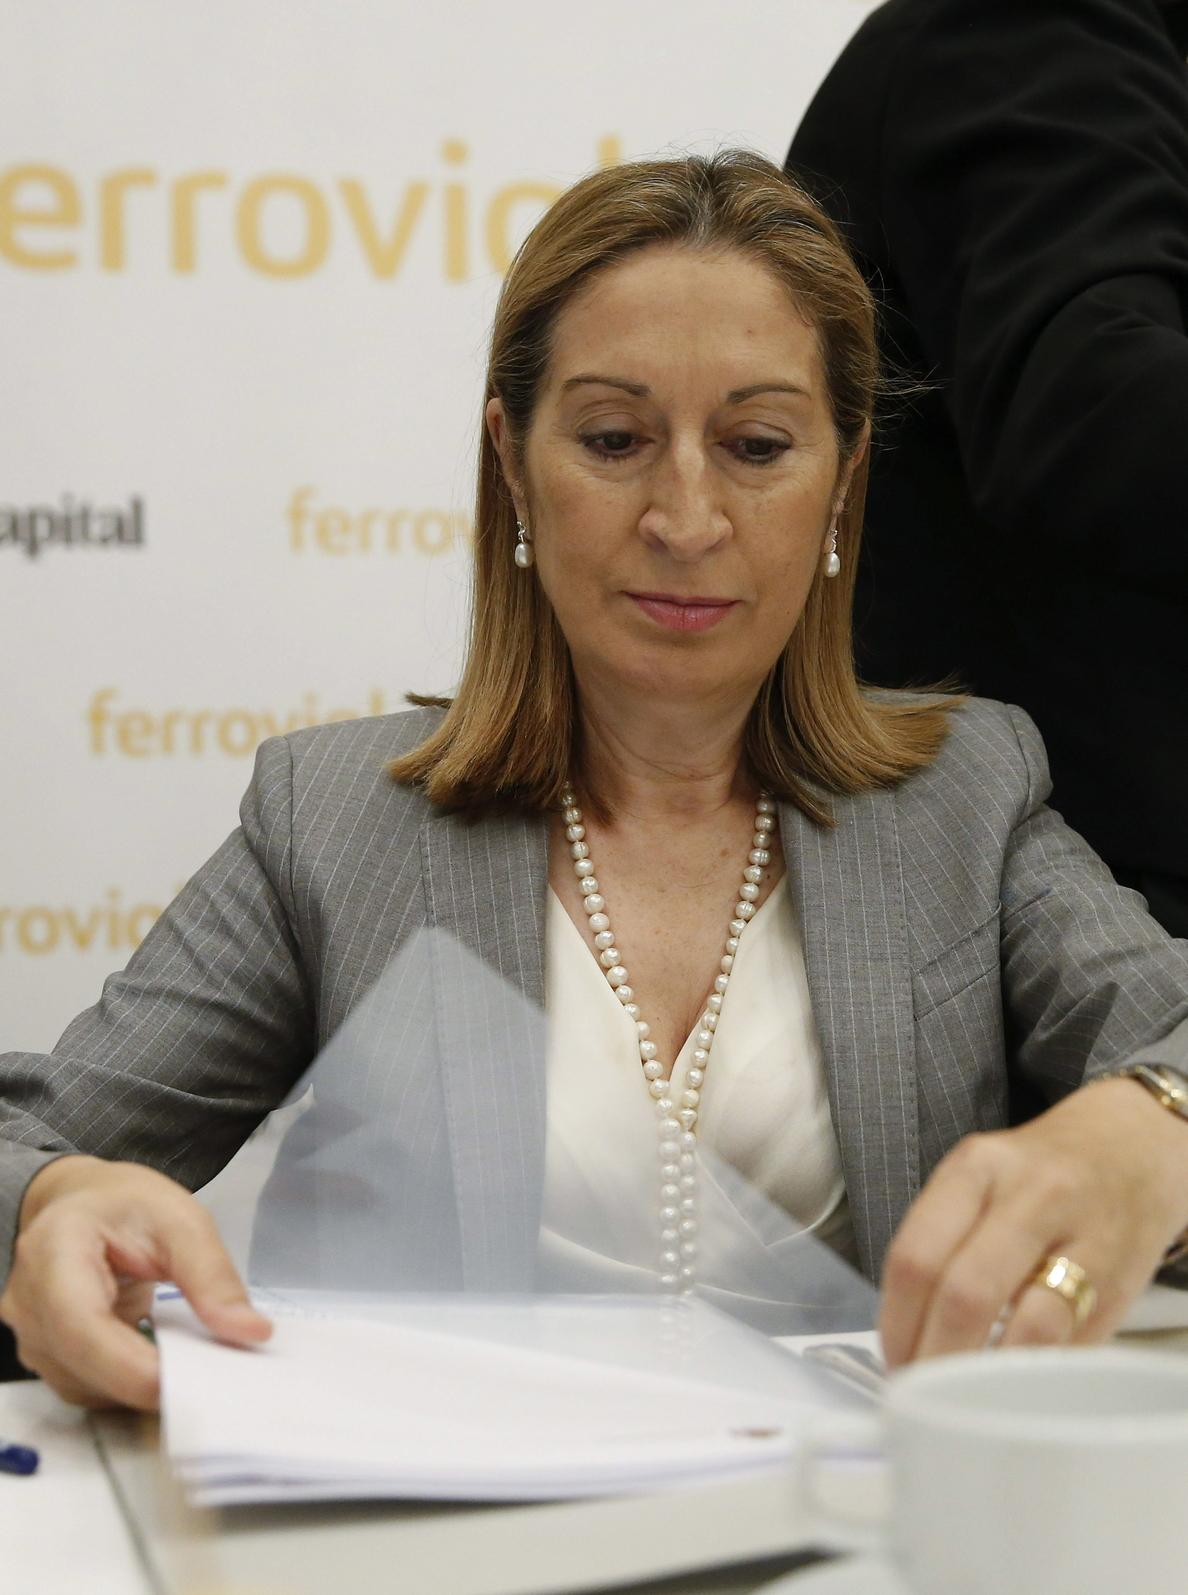 La ministra Ana Pastor participa en el Foro Líderes de la Agencia EFE y KPMG